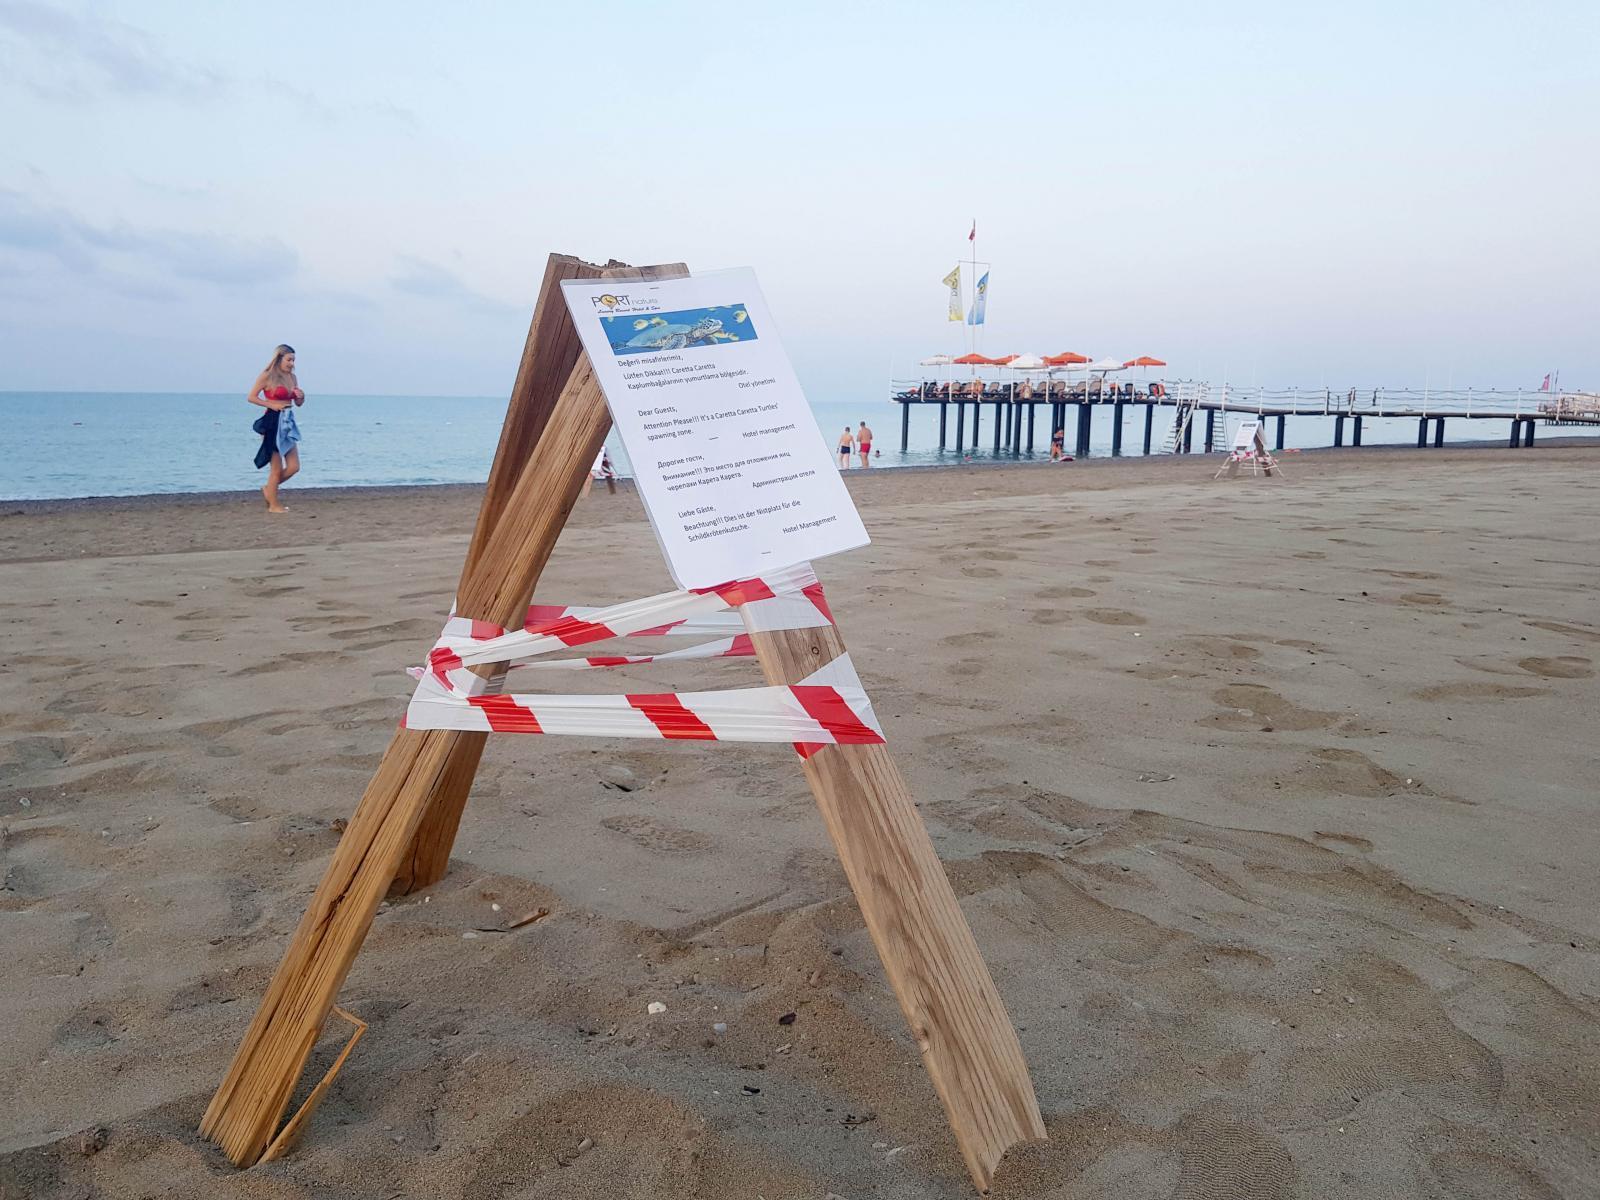 Antalya'da Onlarca Carettanın Ölümüne Neden Olan Otelin İnadı Sürüyor